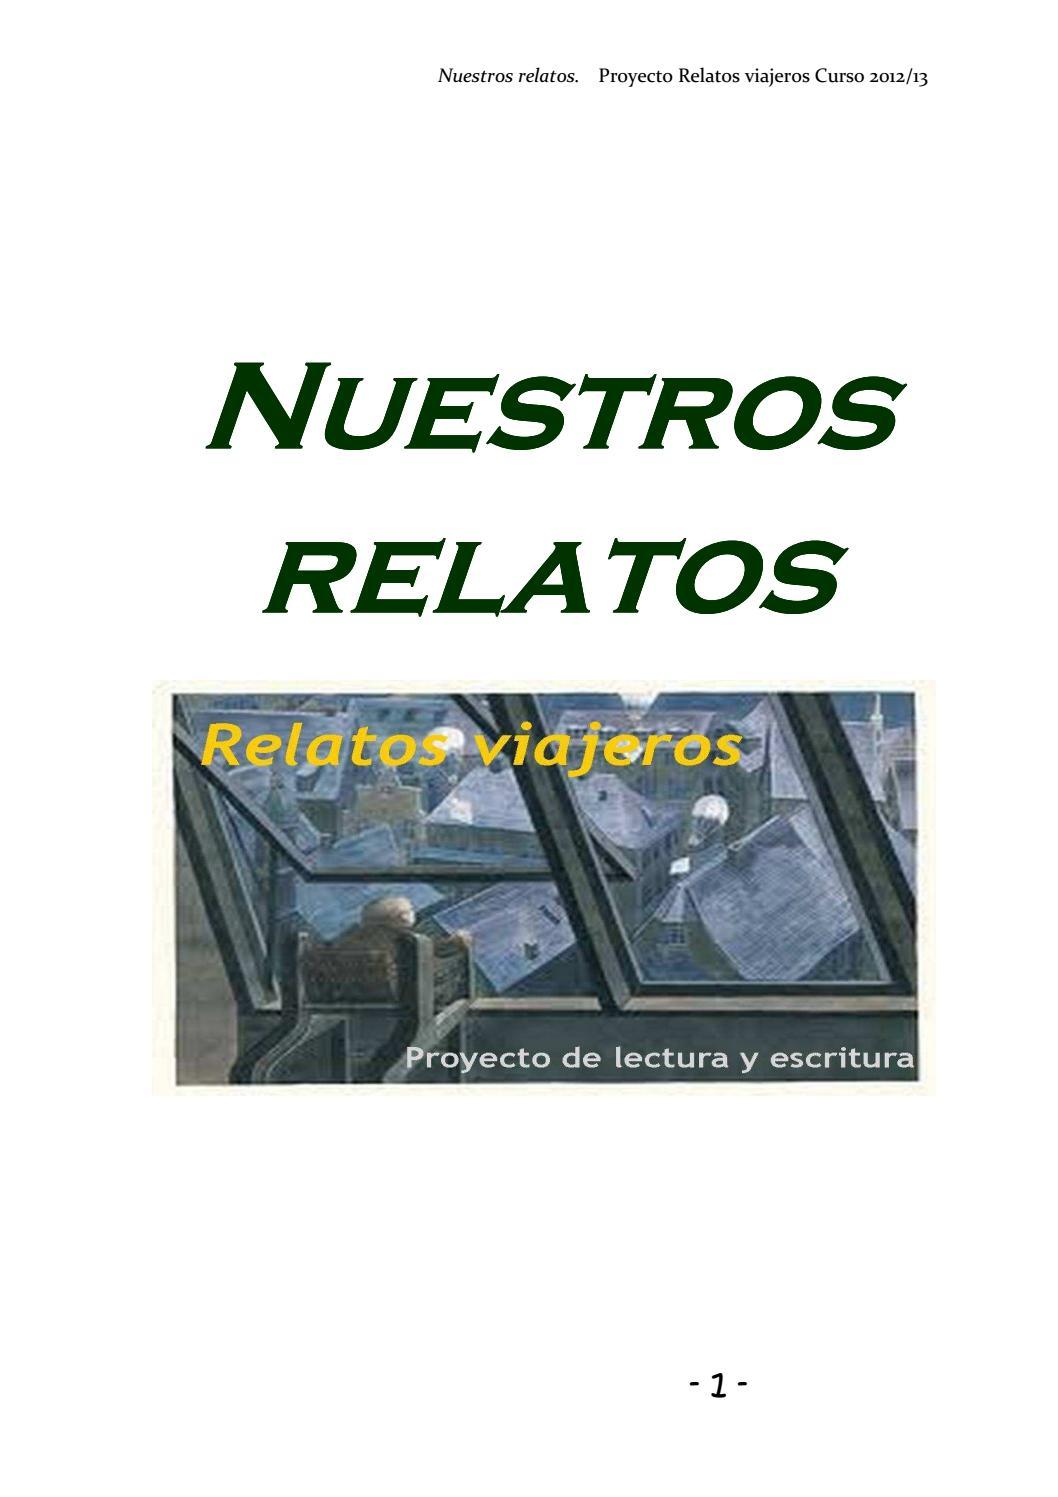 Todos los relatos viajeros by gruporutasliterarias - issuu